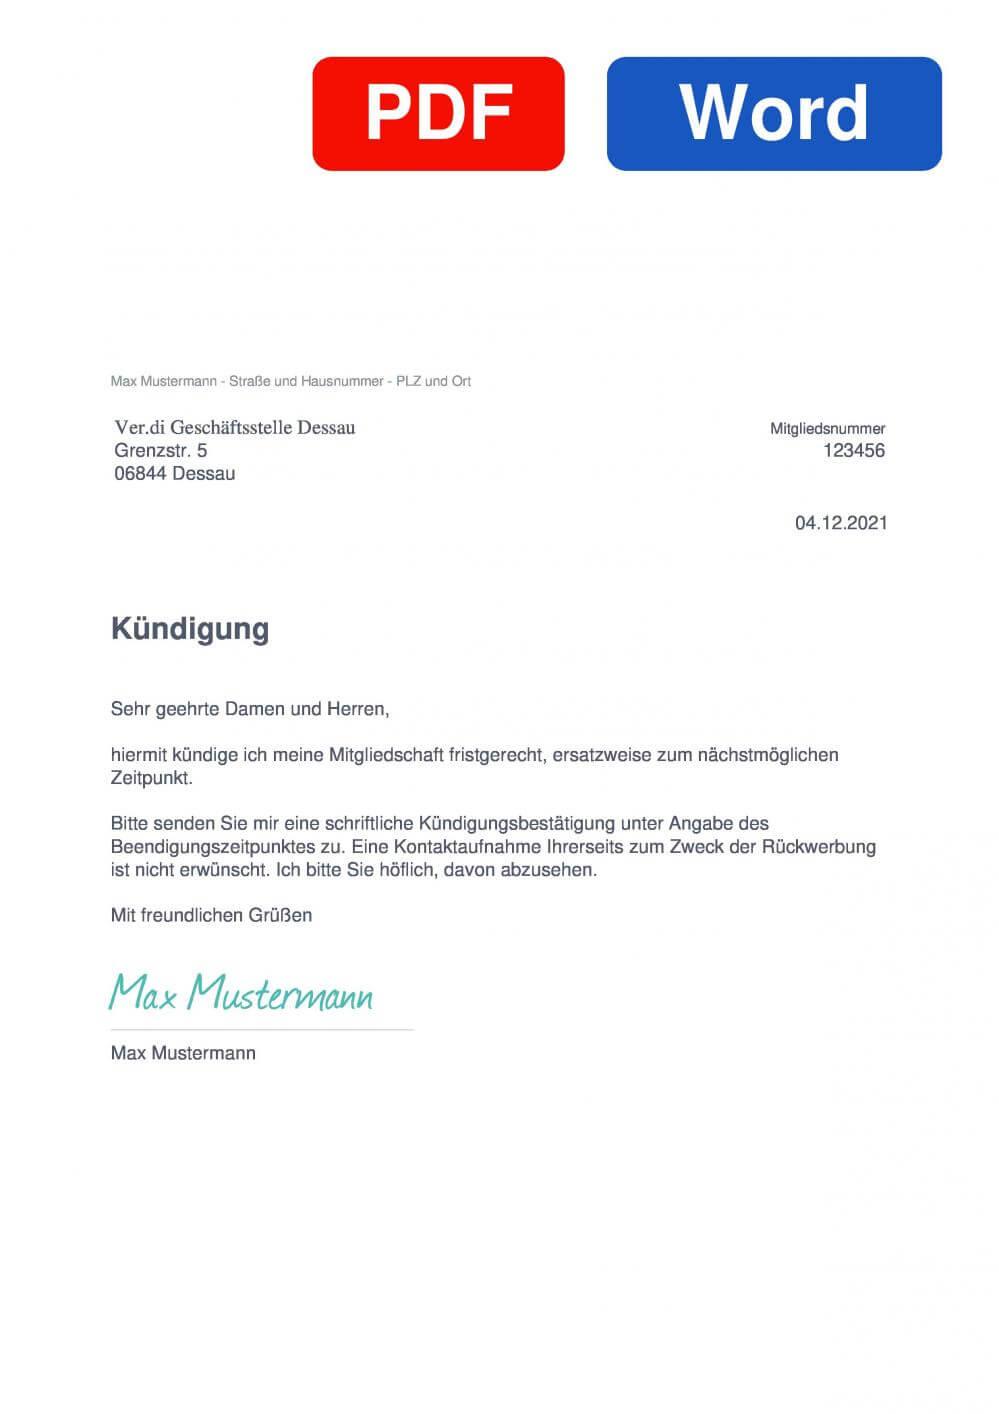 Verdi Dessau Muster Vorlage für Kündigungsschreiben